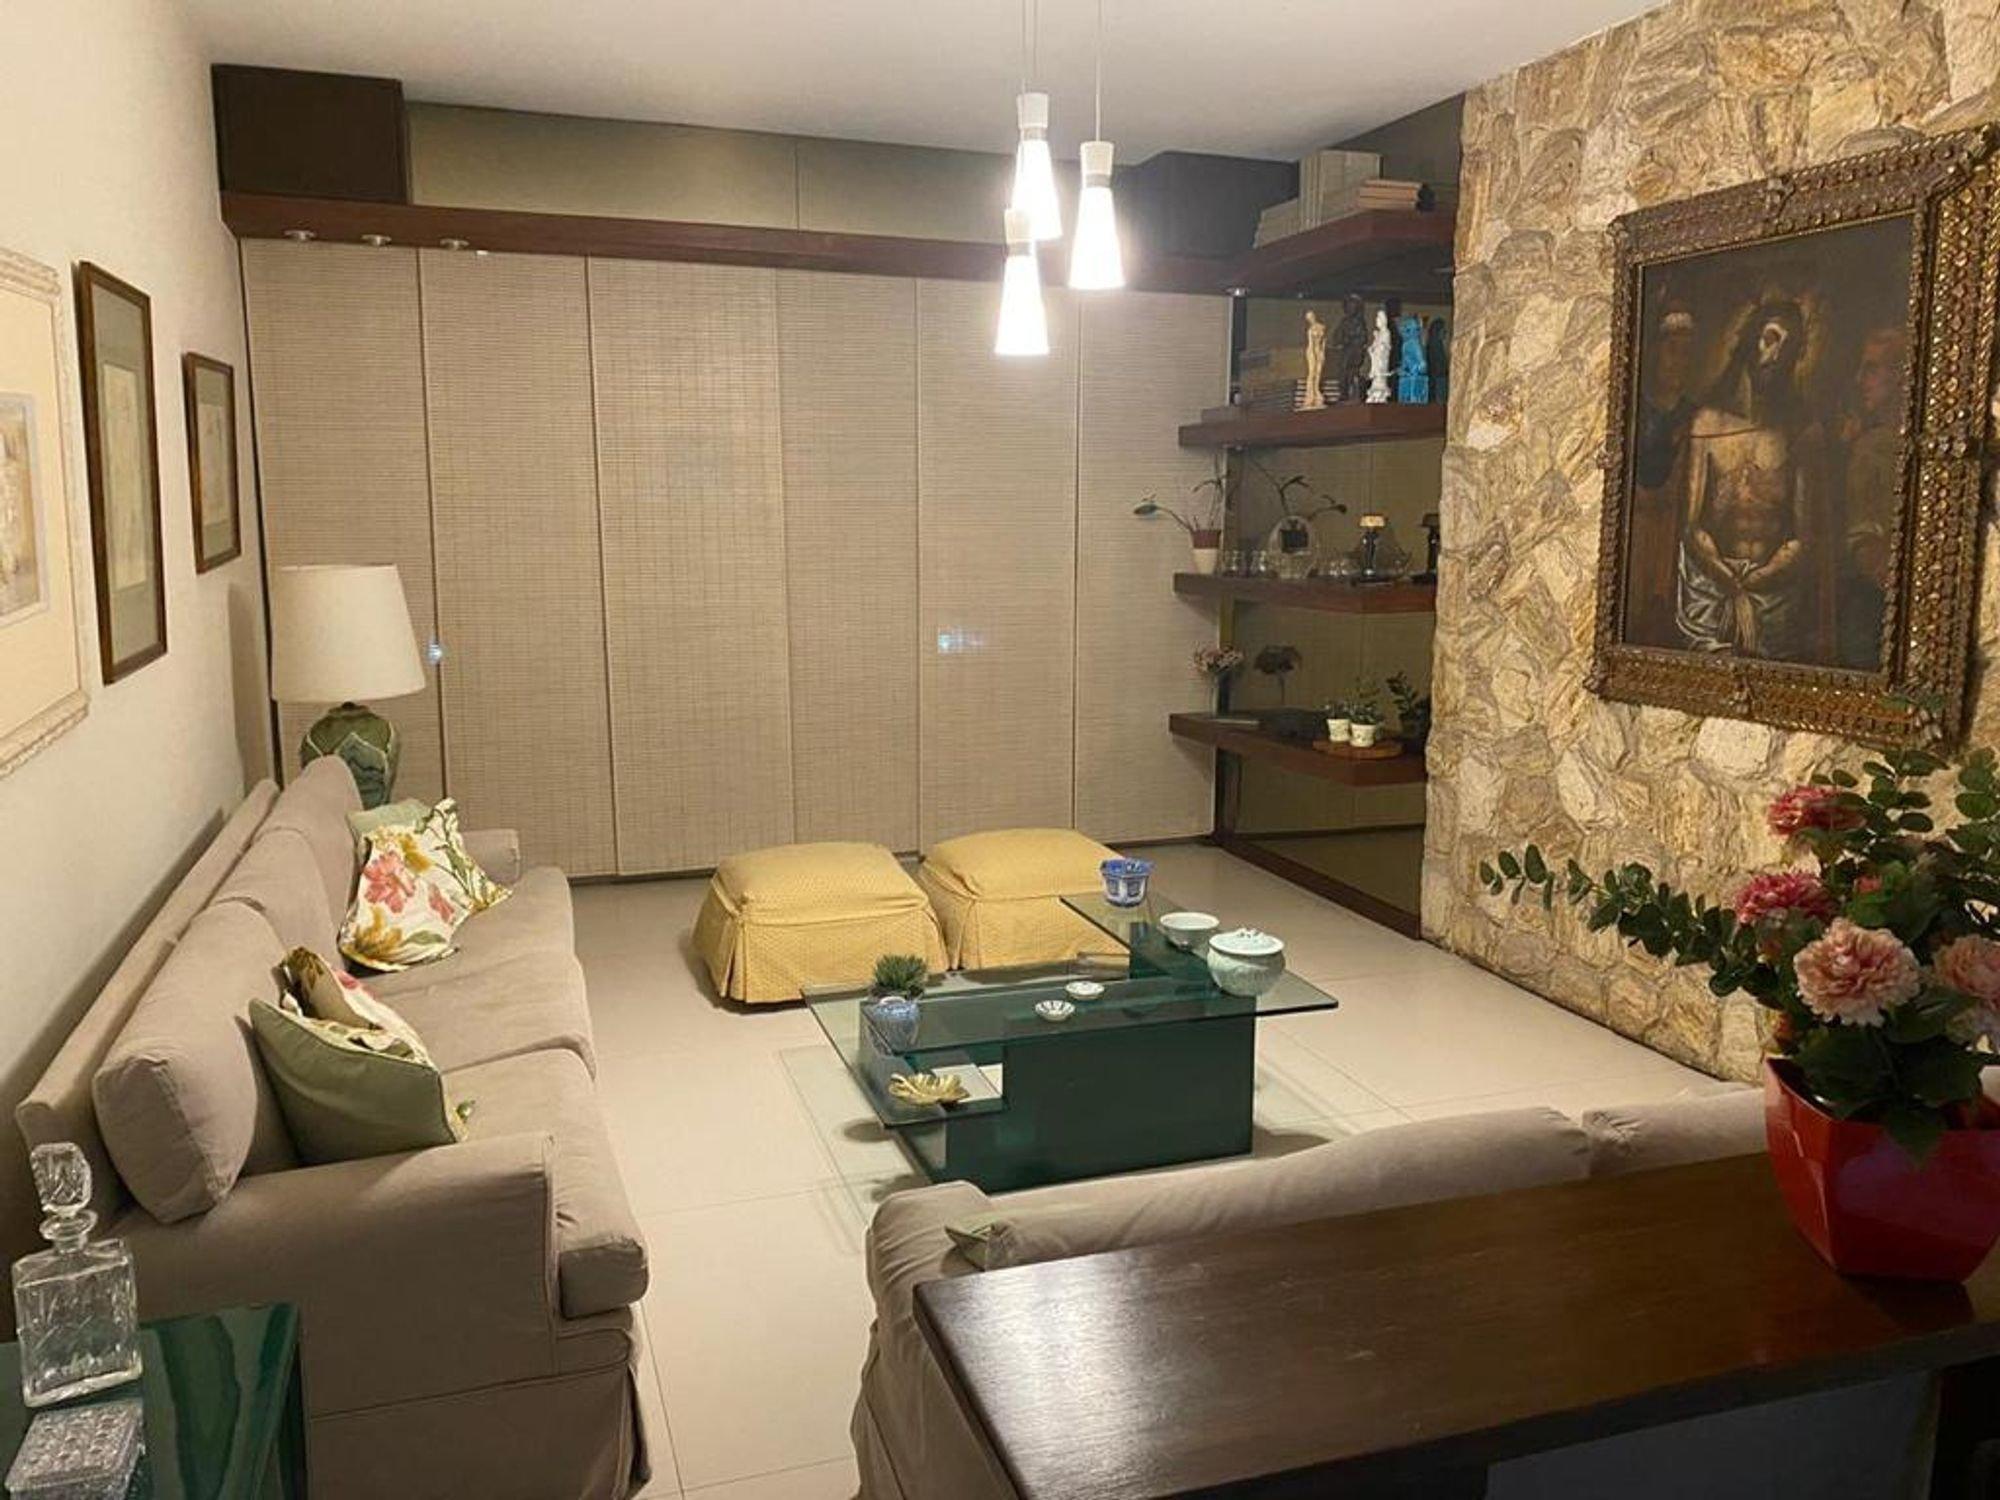 Foto de Sala com vaso de planta, sofá, vaso, tigela